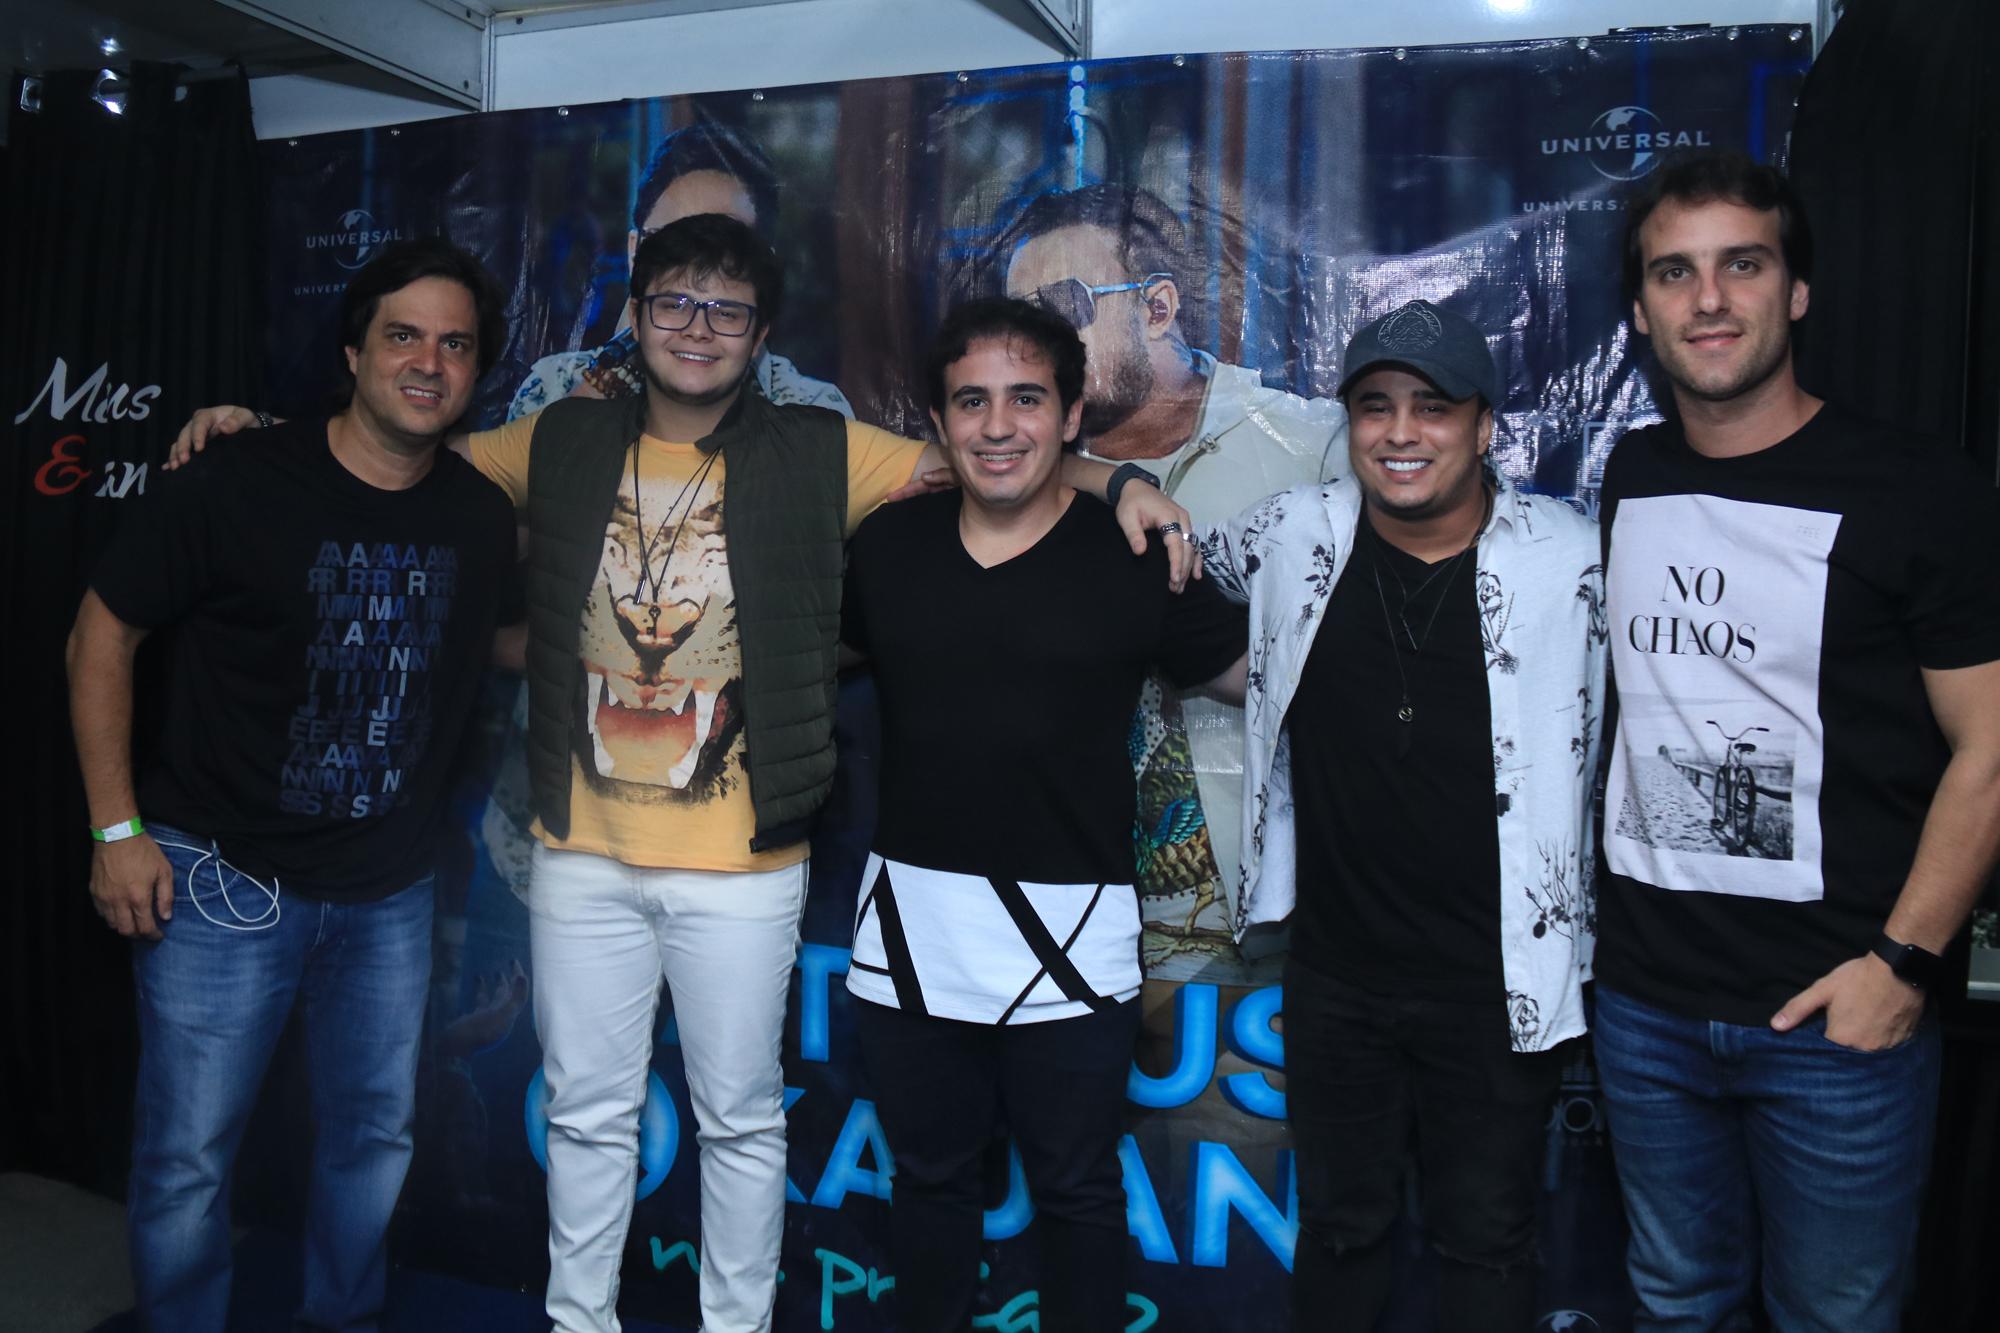 Bruno Rego, Matheus, Andrezinho Dantas, Kauan e Bruno Ramos - Crédito: Luiz Fabiano/Divulgação